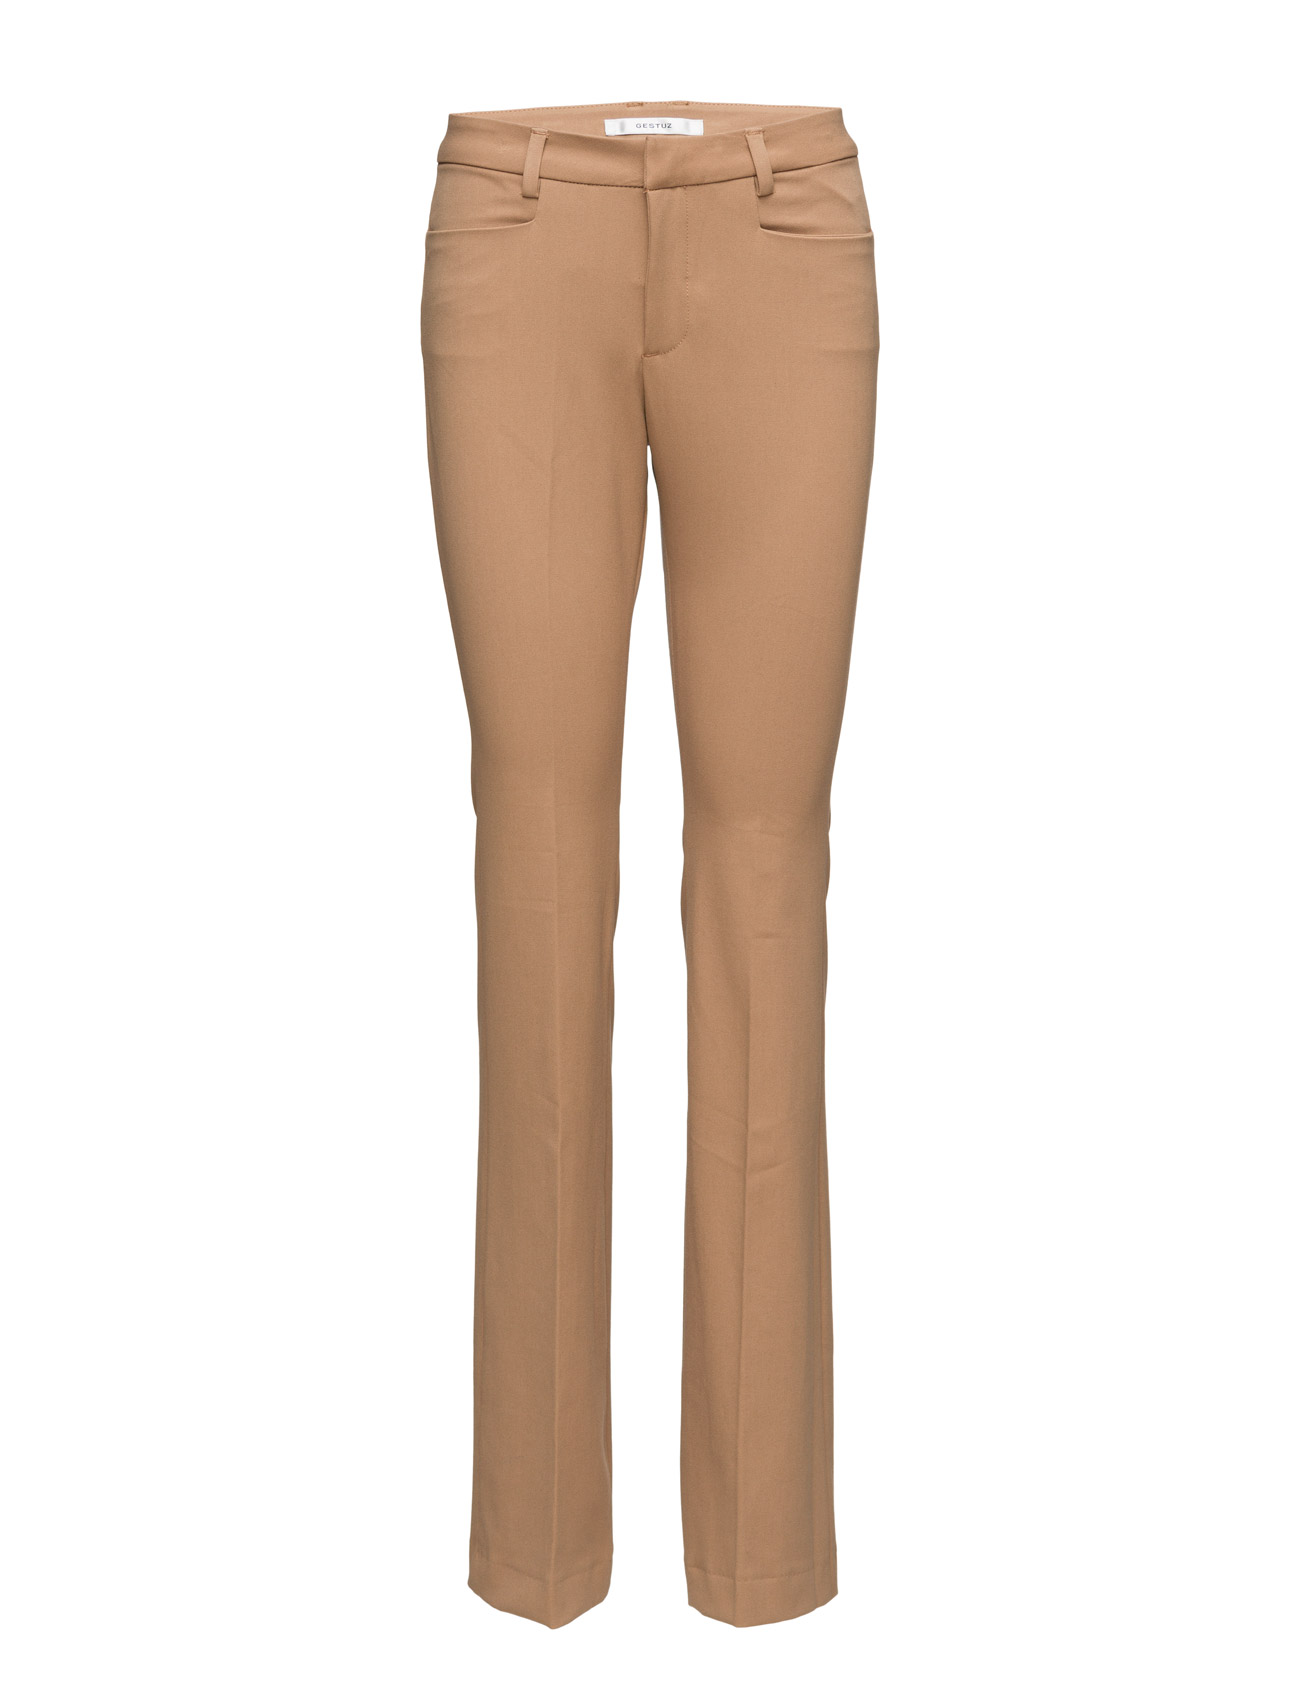 Caya Pants Ms16 Gestuz Bukser til Kvinder i Tobacco Brown